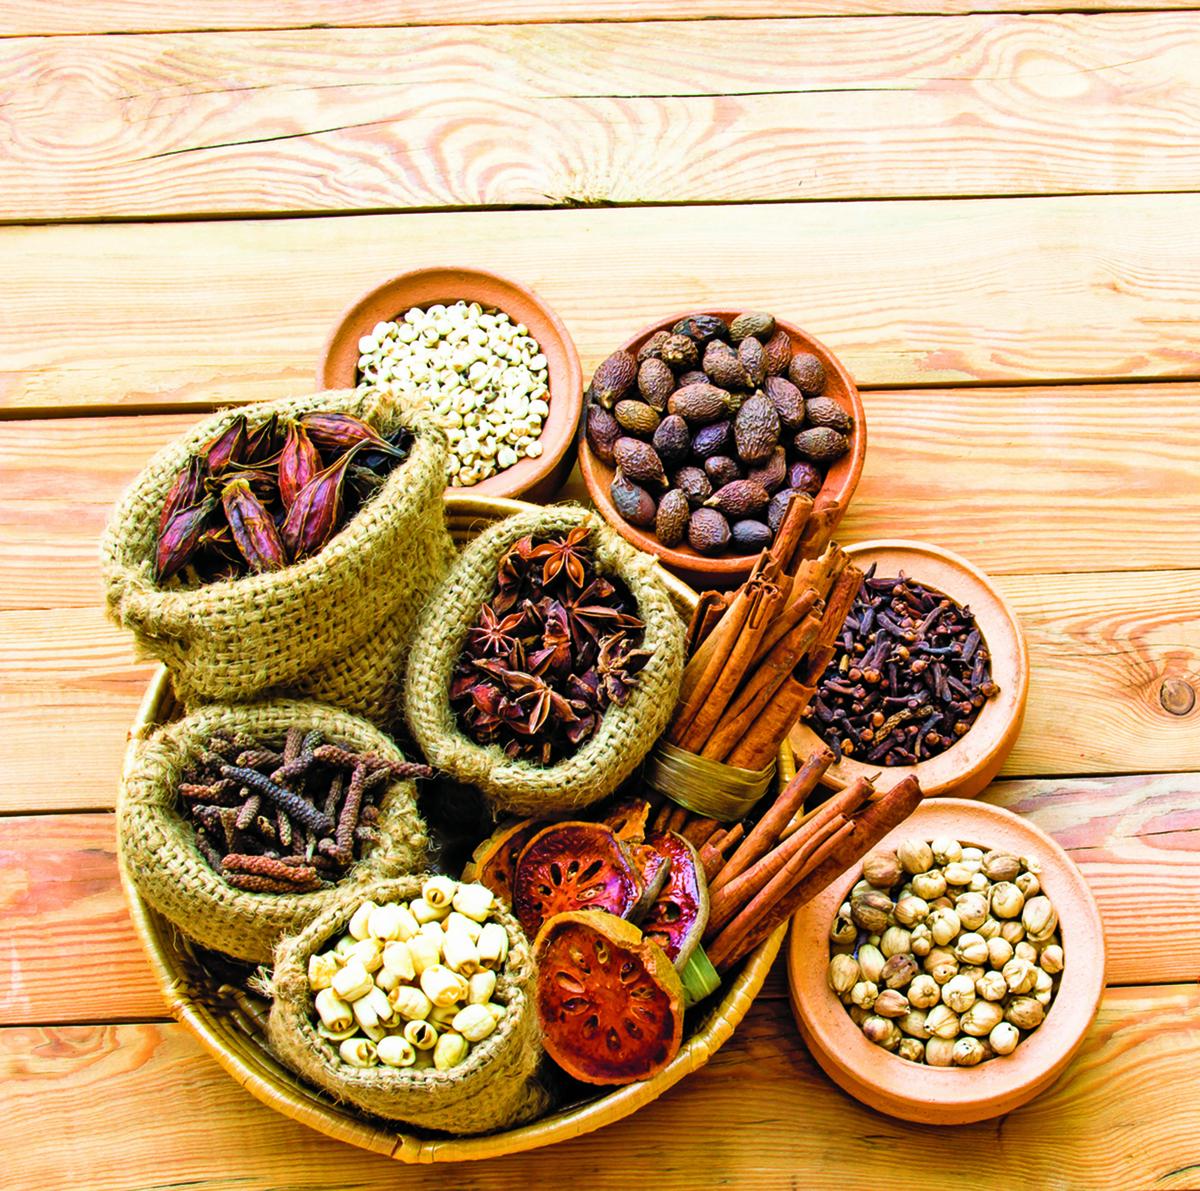 如果保存不慎,乾燥香料仍可能發黴,造成食安疑慮。